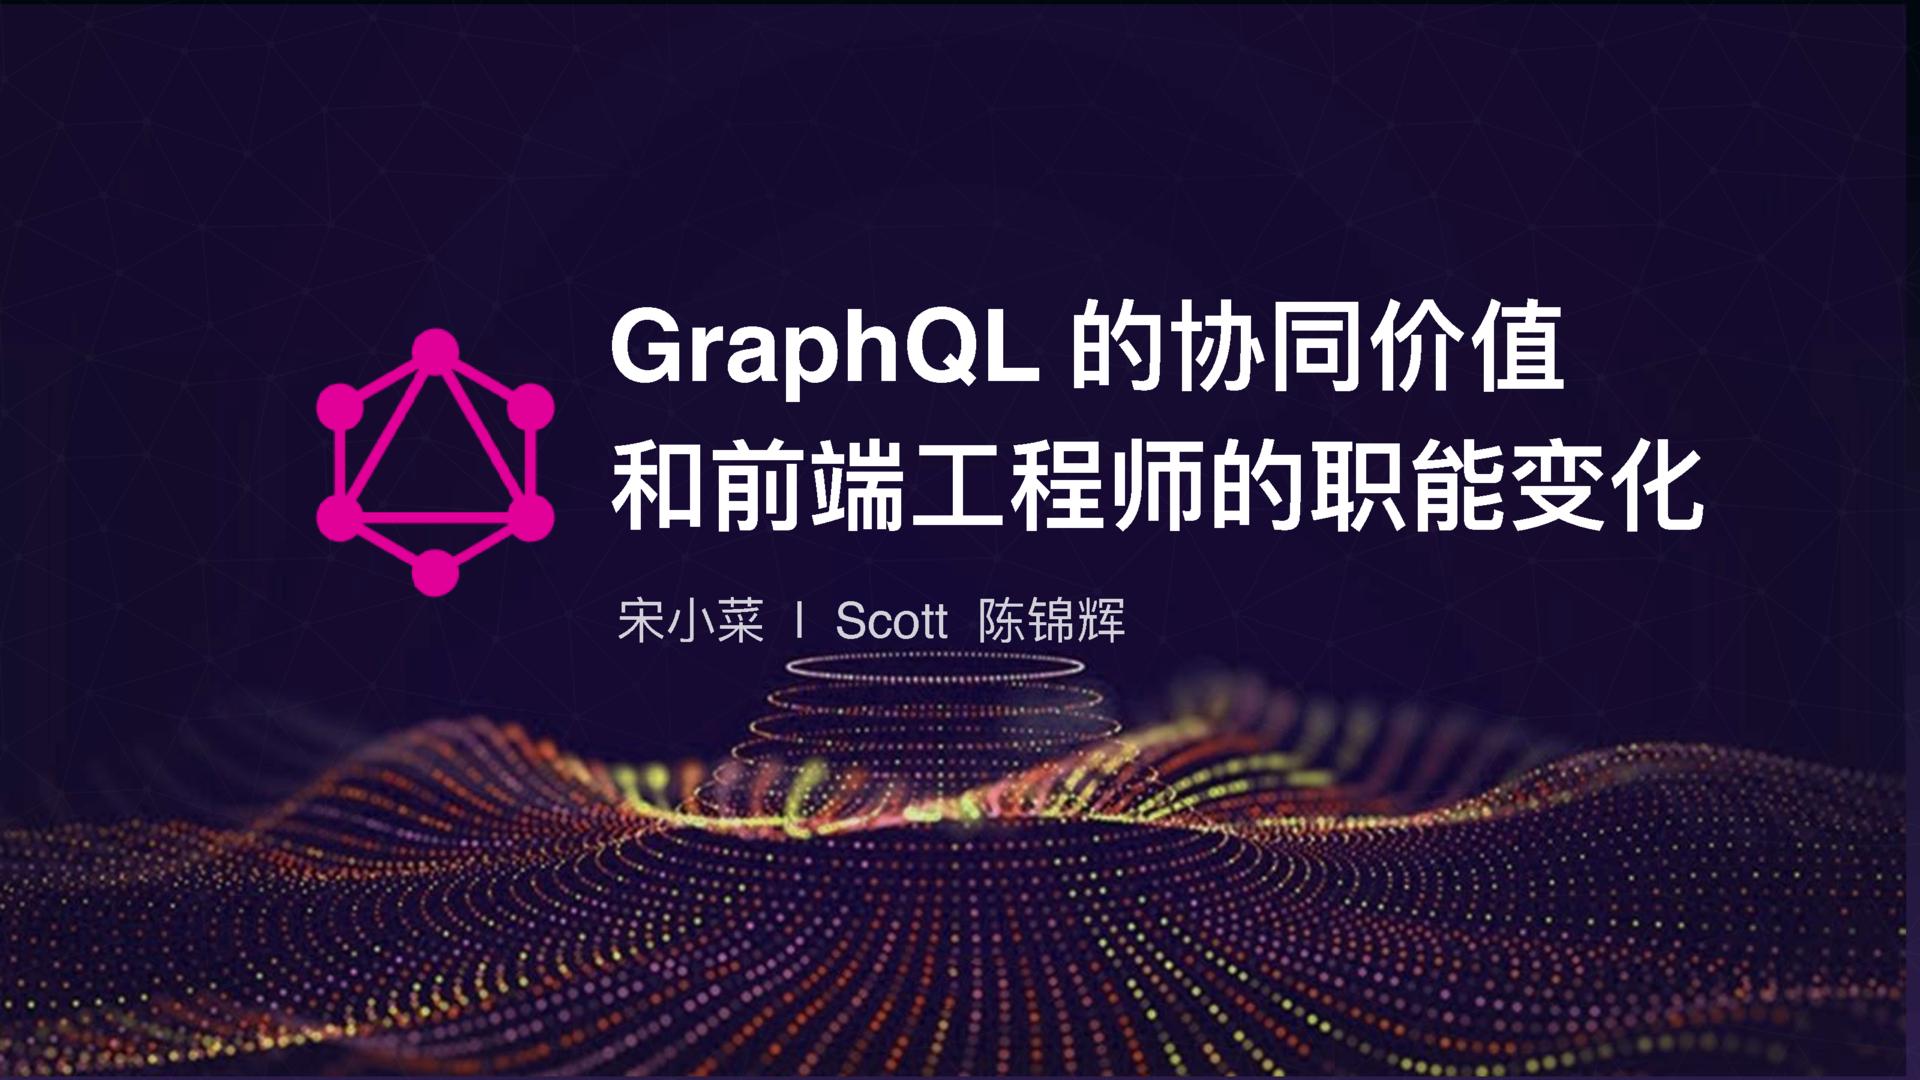 GraphQL数据聚合层大舅子解放前后端-Scott&陈锦辉